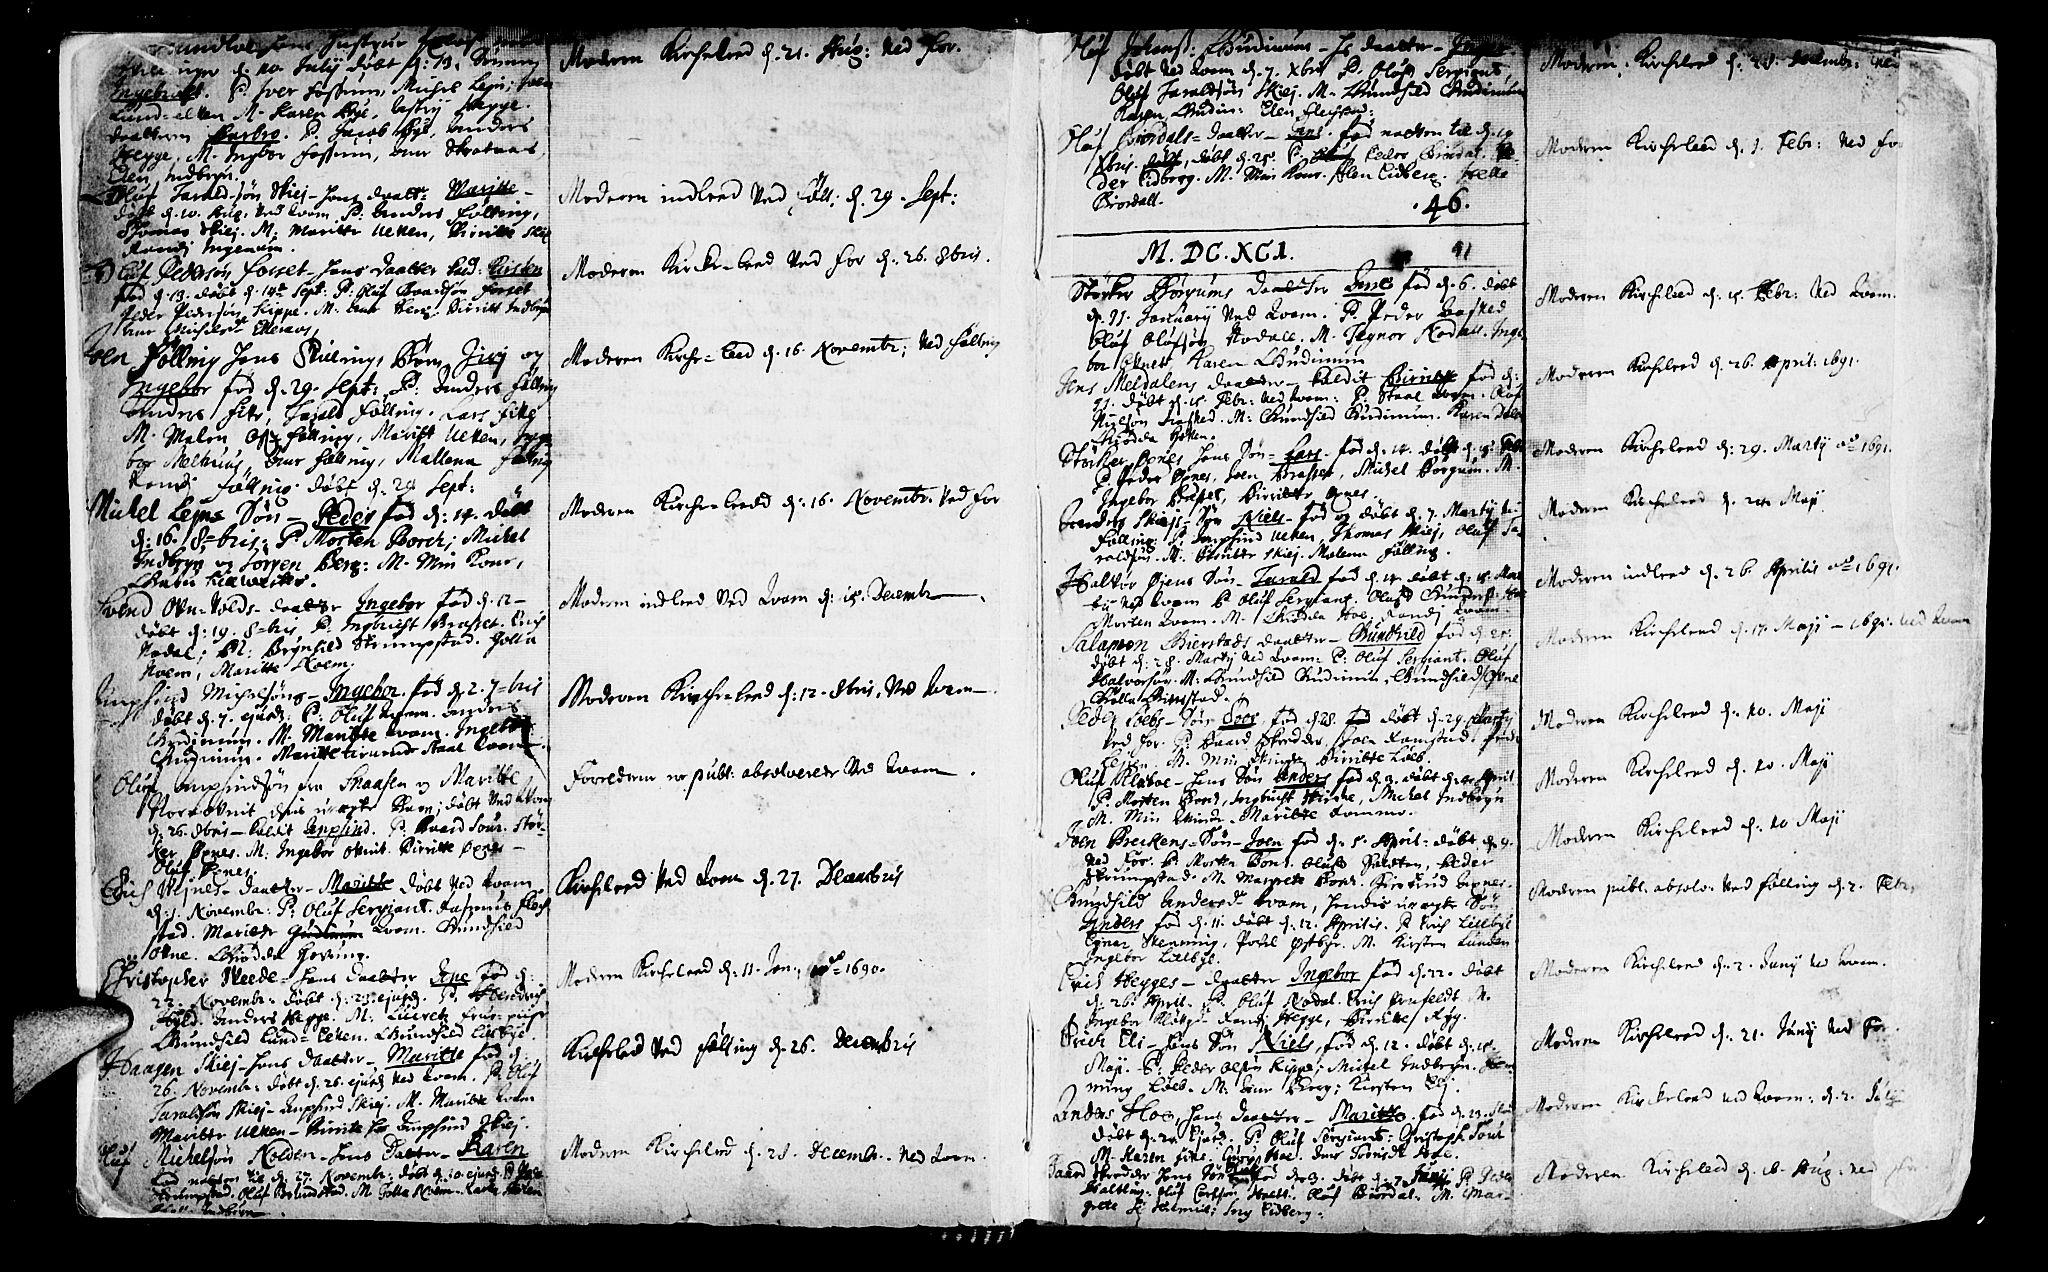 SAT, Ministerialprotokoller, klokkerbøker og fødselsregistre - Nord-Trøndelag, 746/L0439: Ministerialbok nr. 746A01, 1688-1759, s. 5